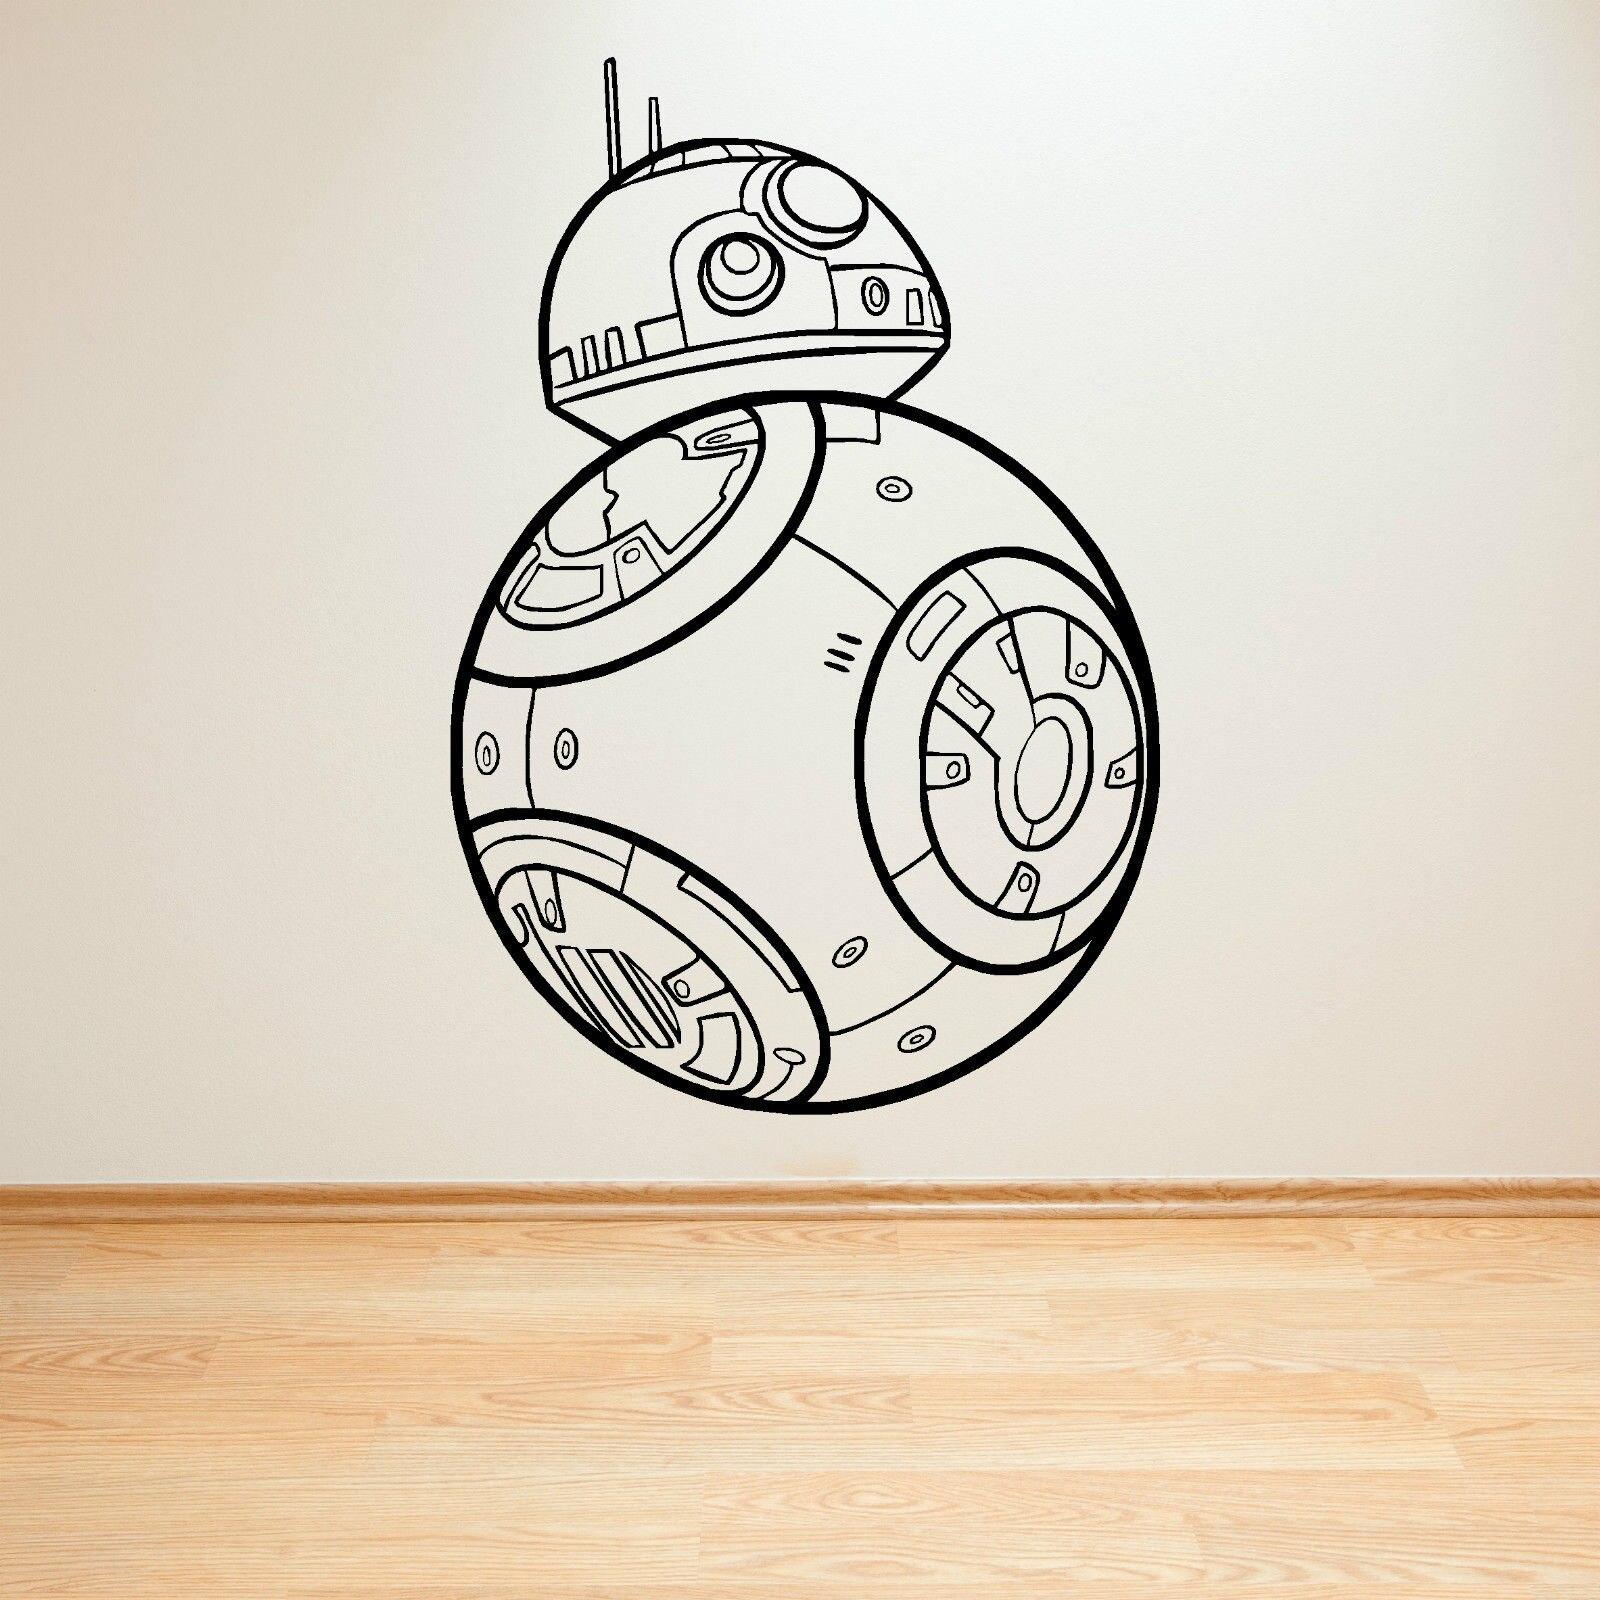 W190 Star Wars Bb 8 Droid The Force Awakens Vinyl Wall Art Sticker